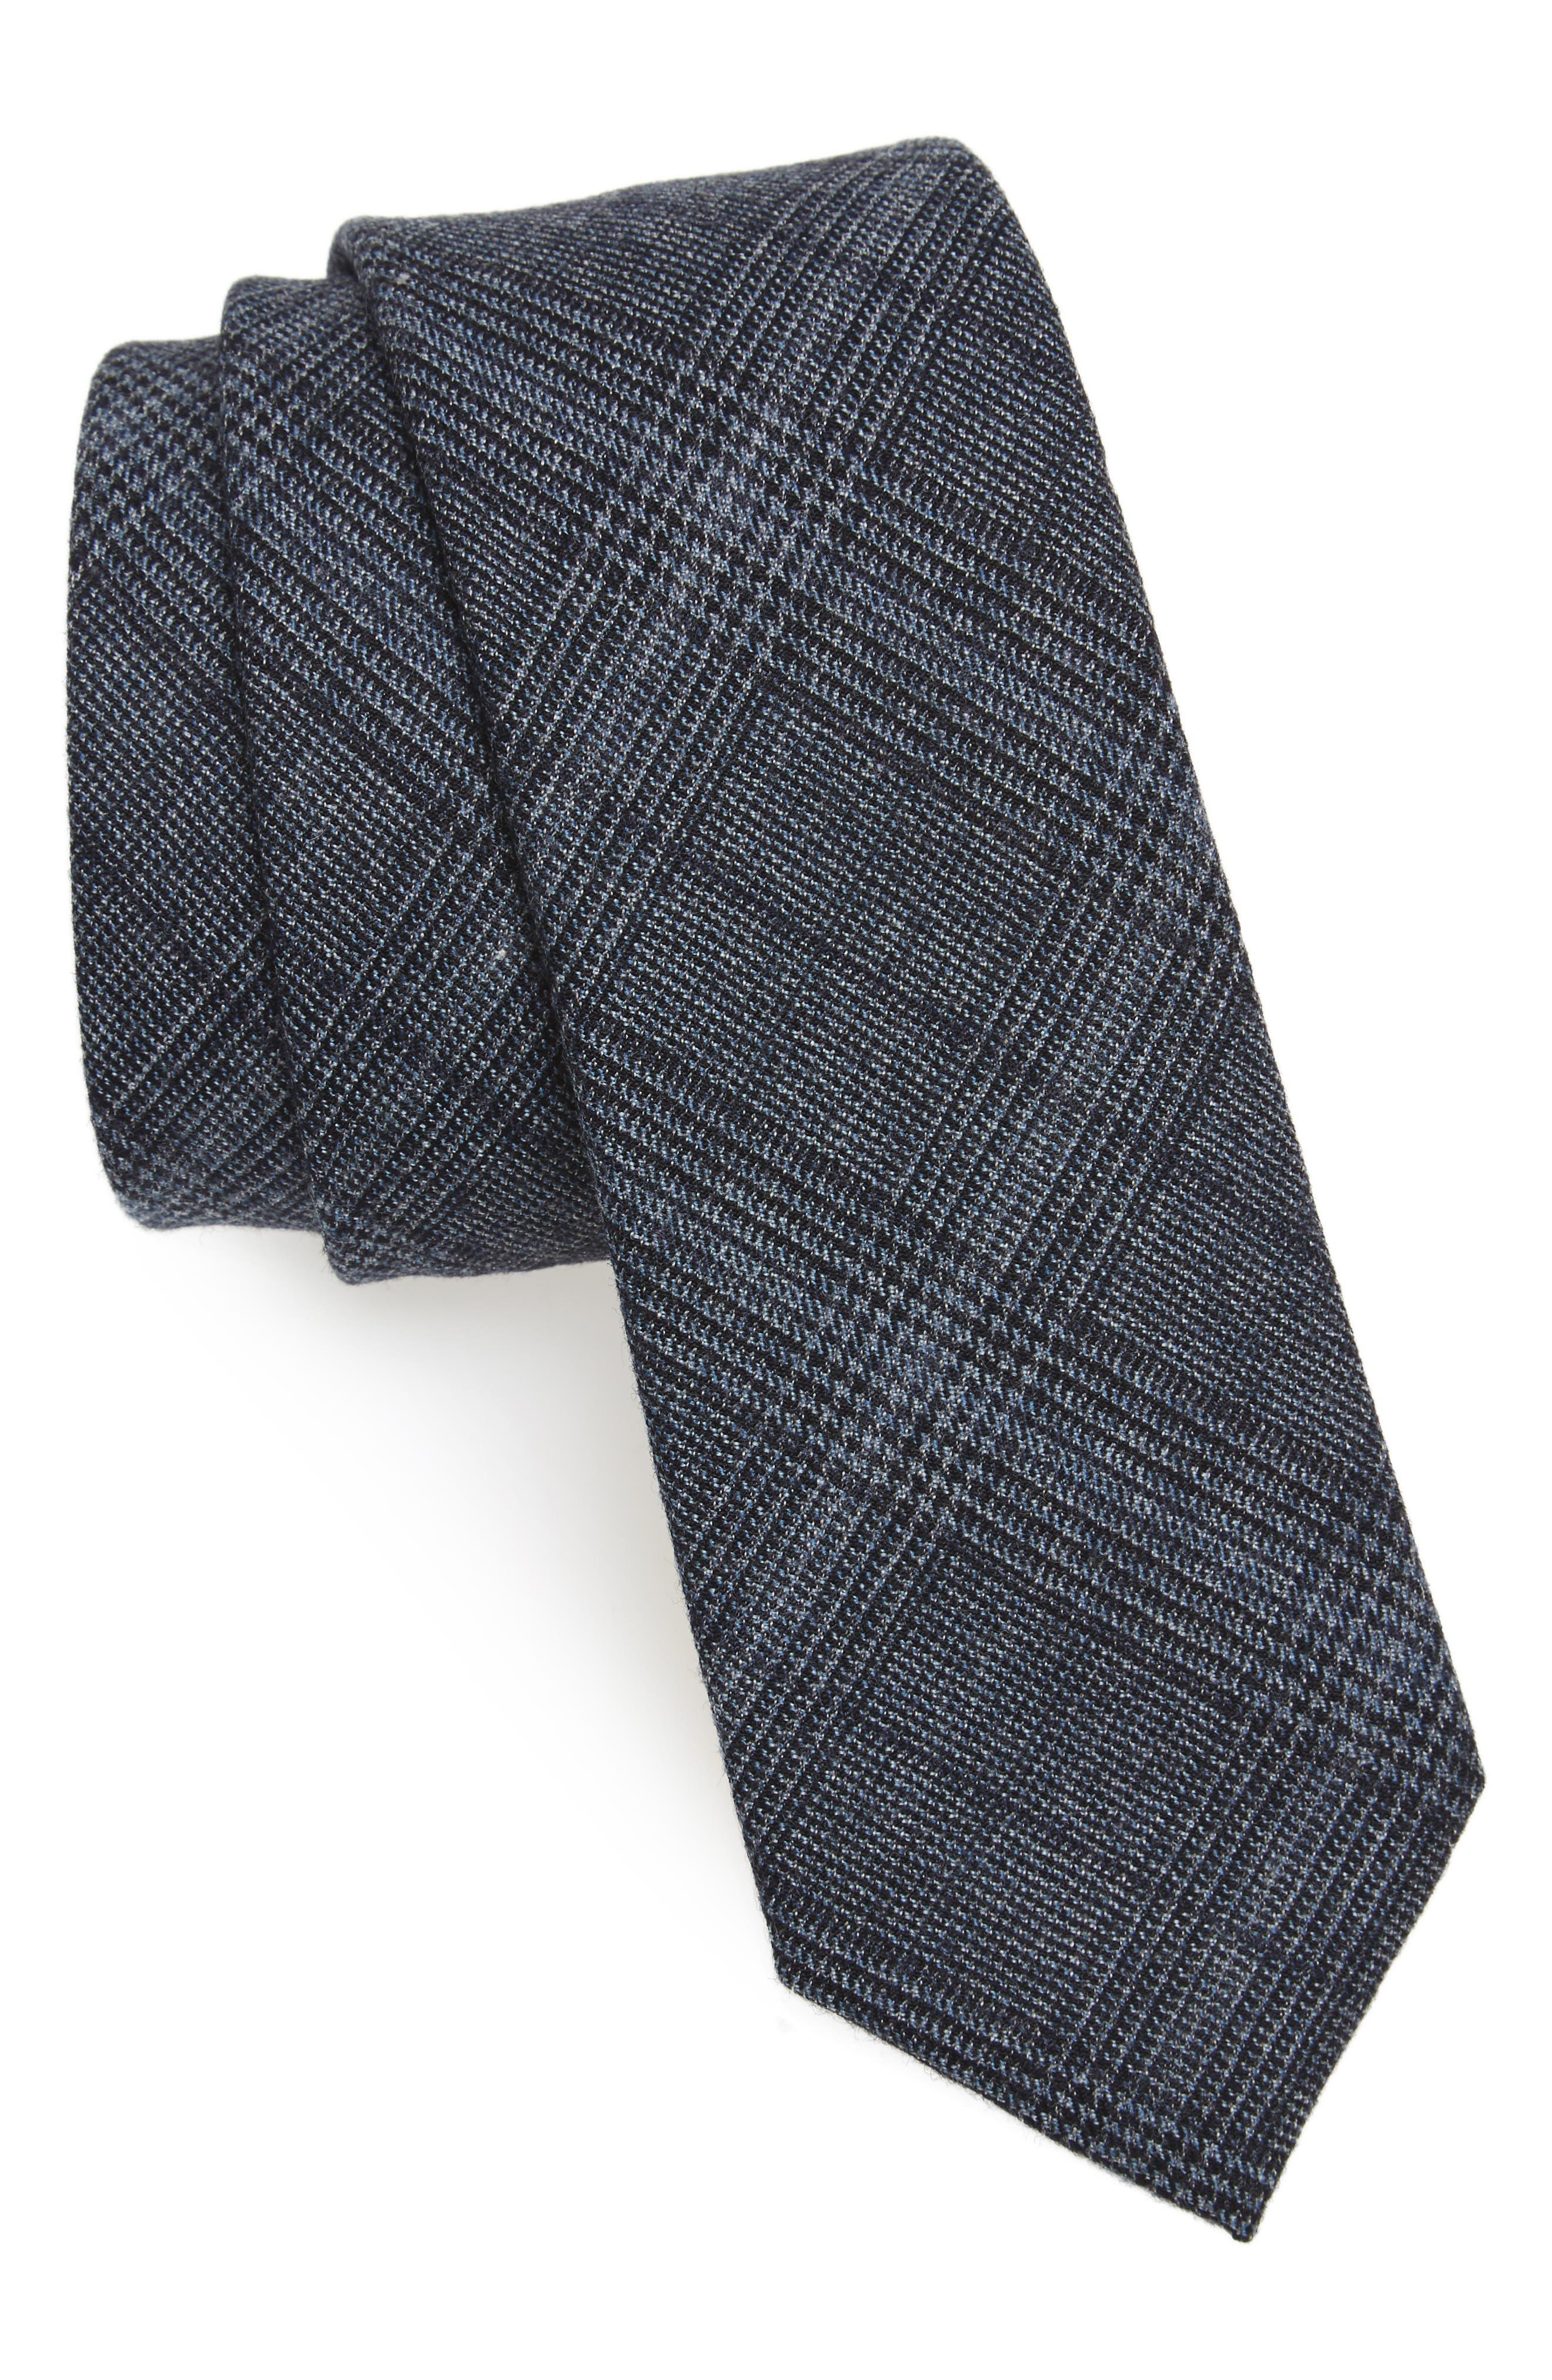 The Tie Bar Glen Haze Wool Skinny Tie